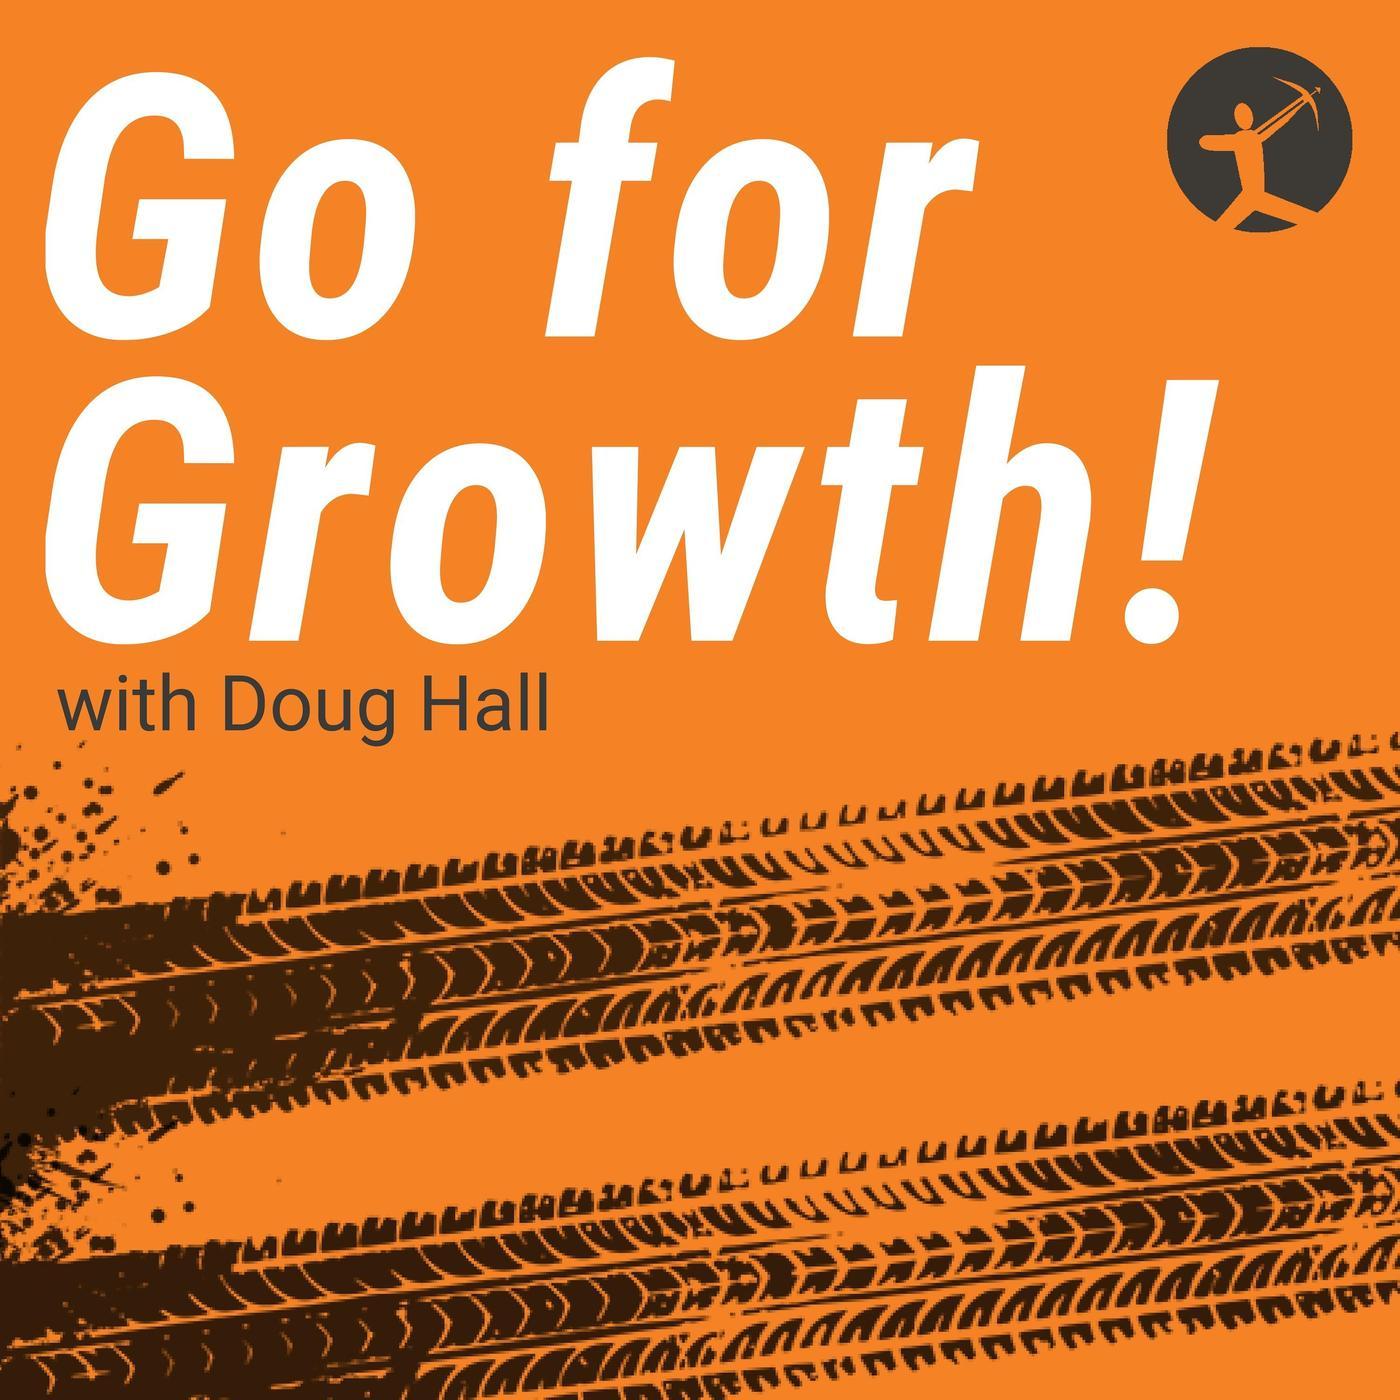 go-for-growth-with-doug-hall-doug-hall-Gop56ZOsWJH-gYTHv2-oCJt.1400x1400